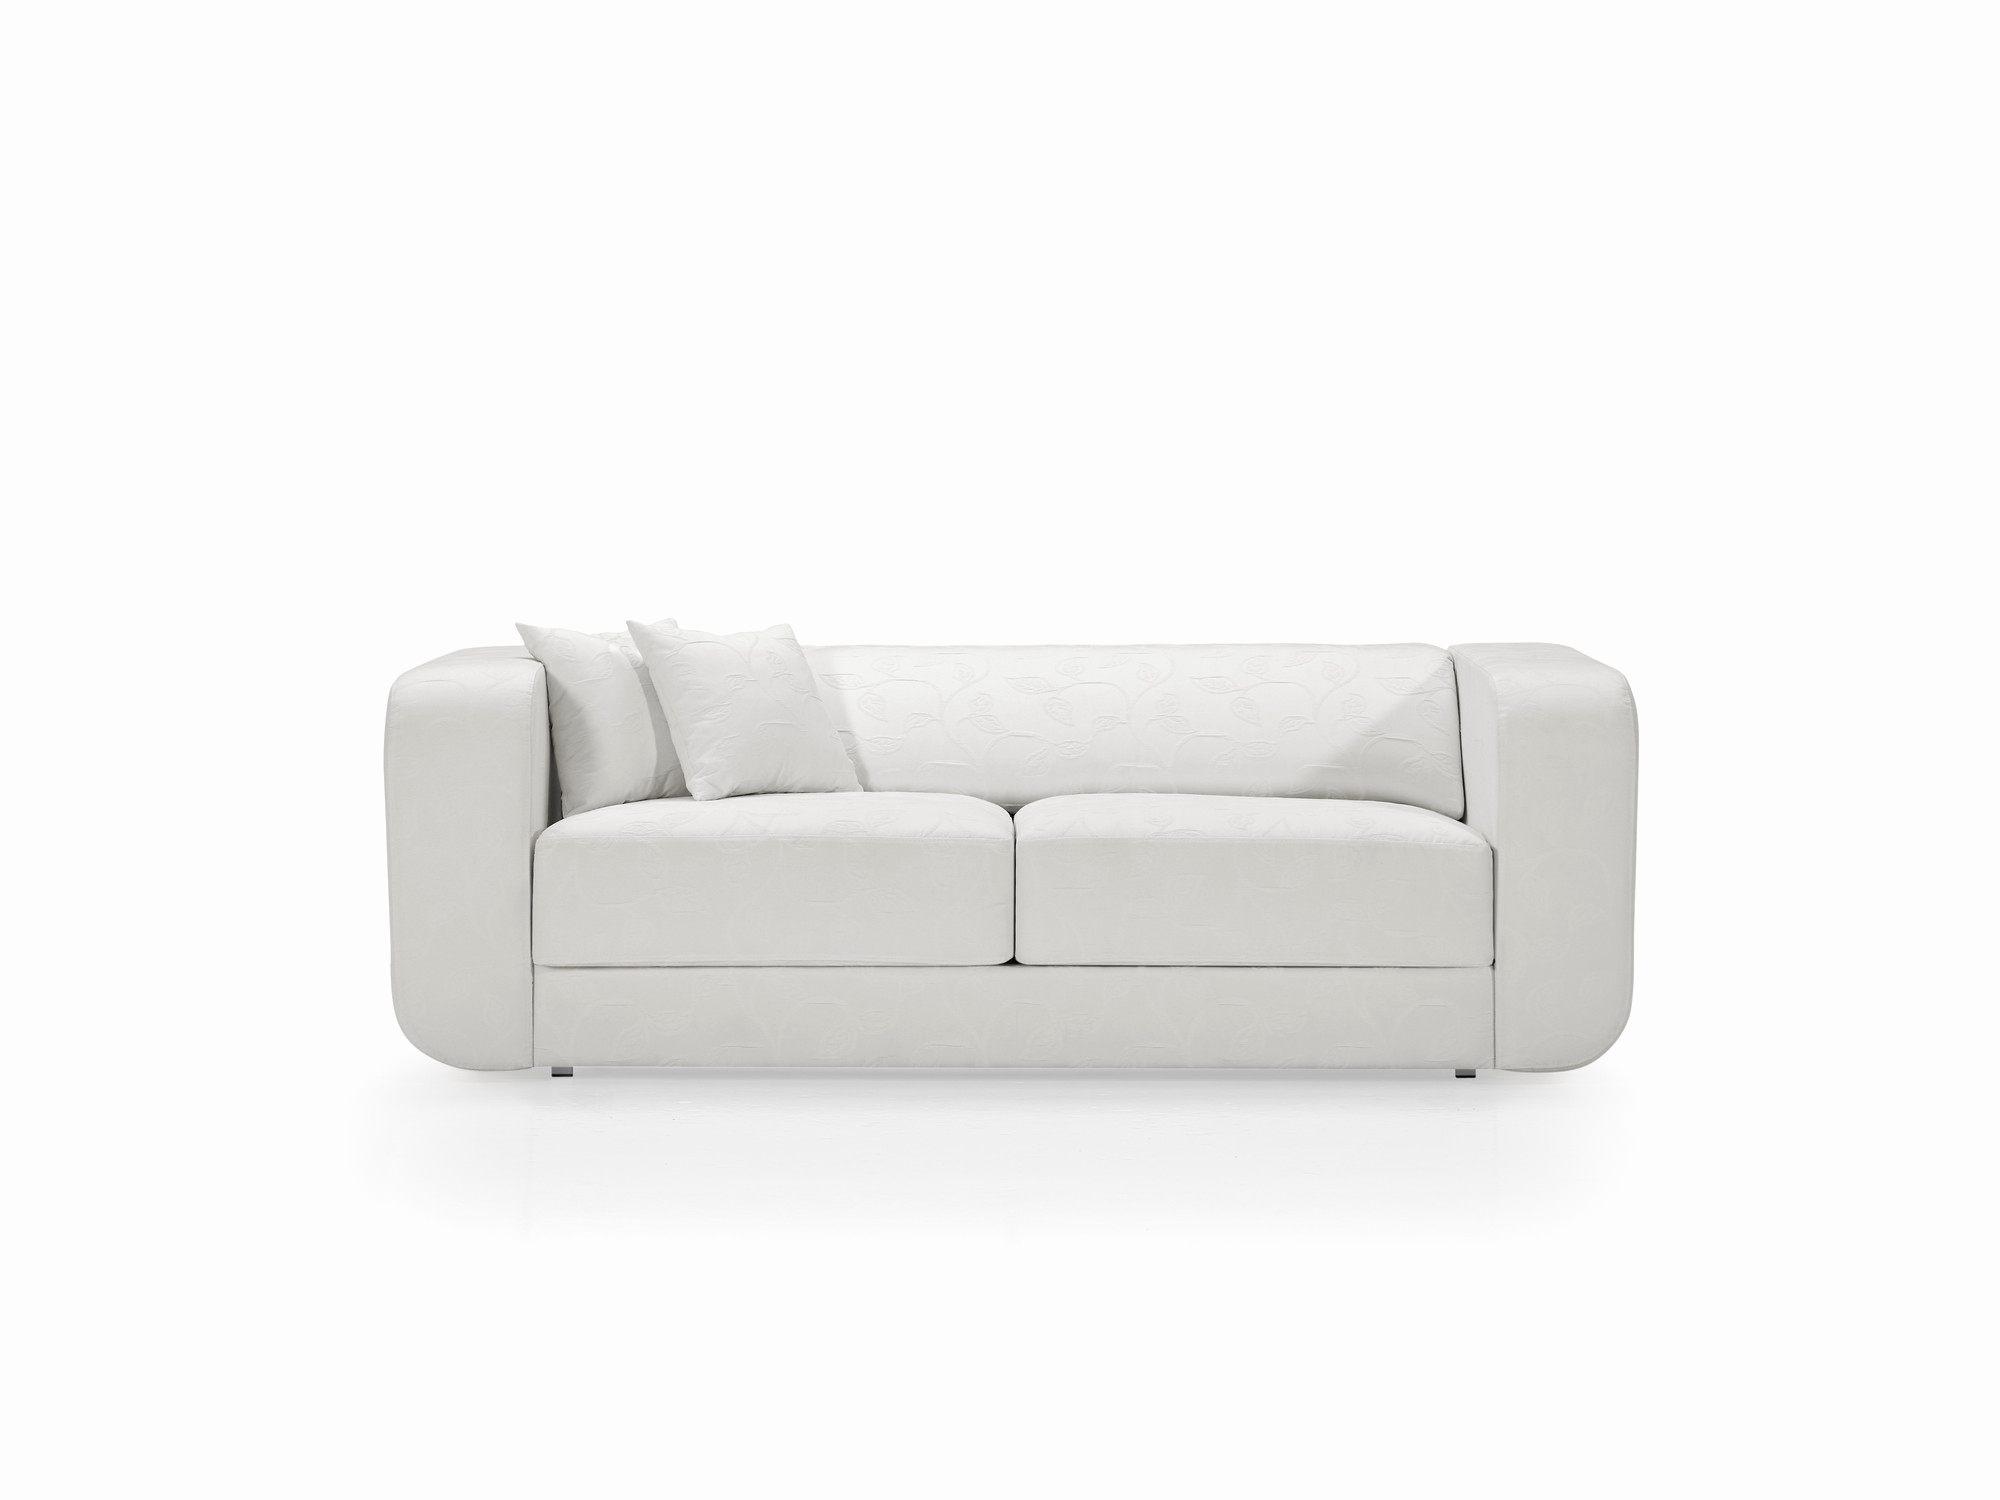 Matelas Pour Canapé Lit Nouveau Incroyable Canapé Lit 140×190 Sur Alinea Canape Lit